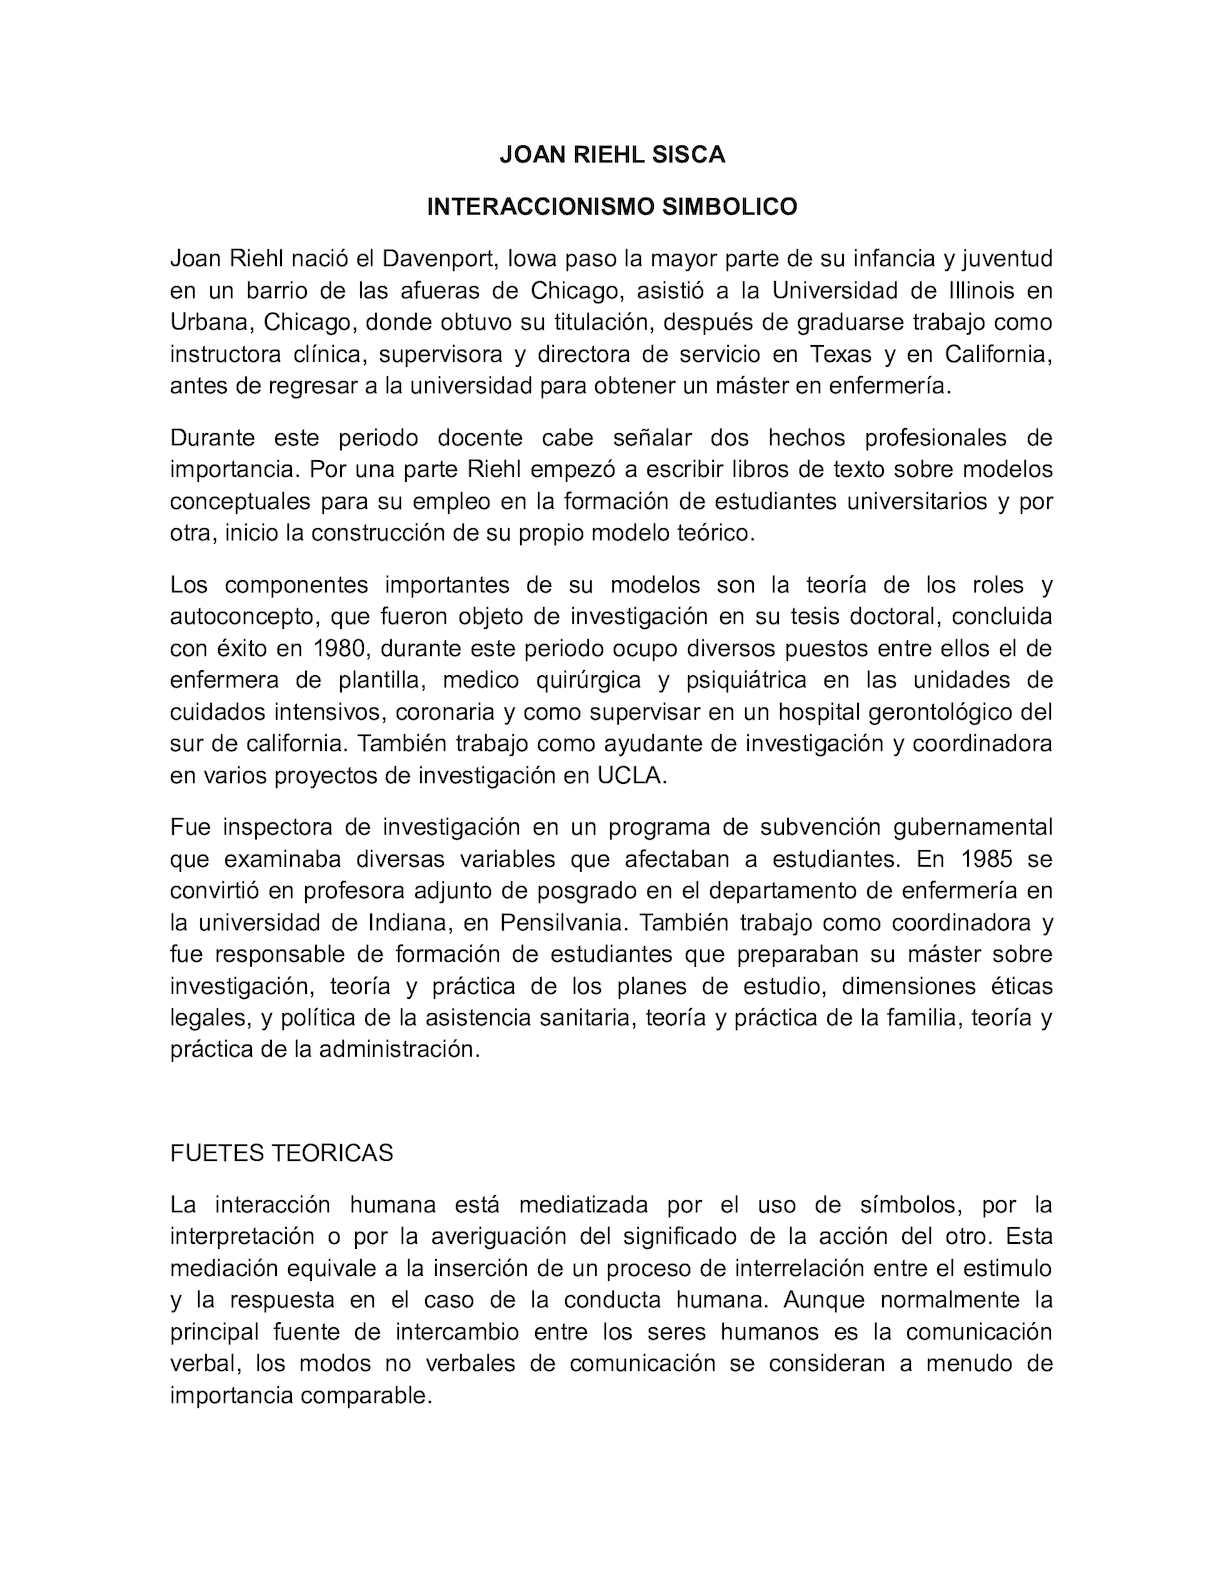 Calaméo - Joan Riehl Sisca Y Rosmery